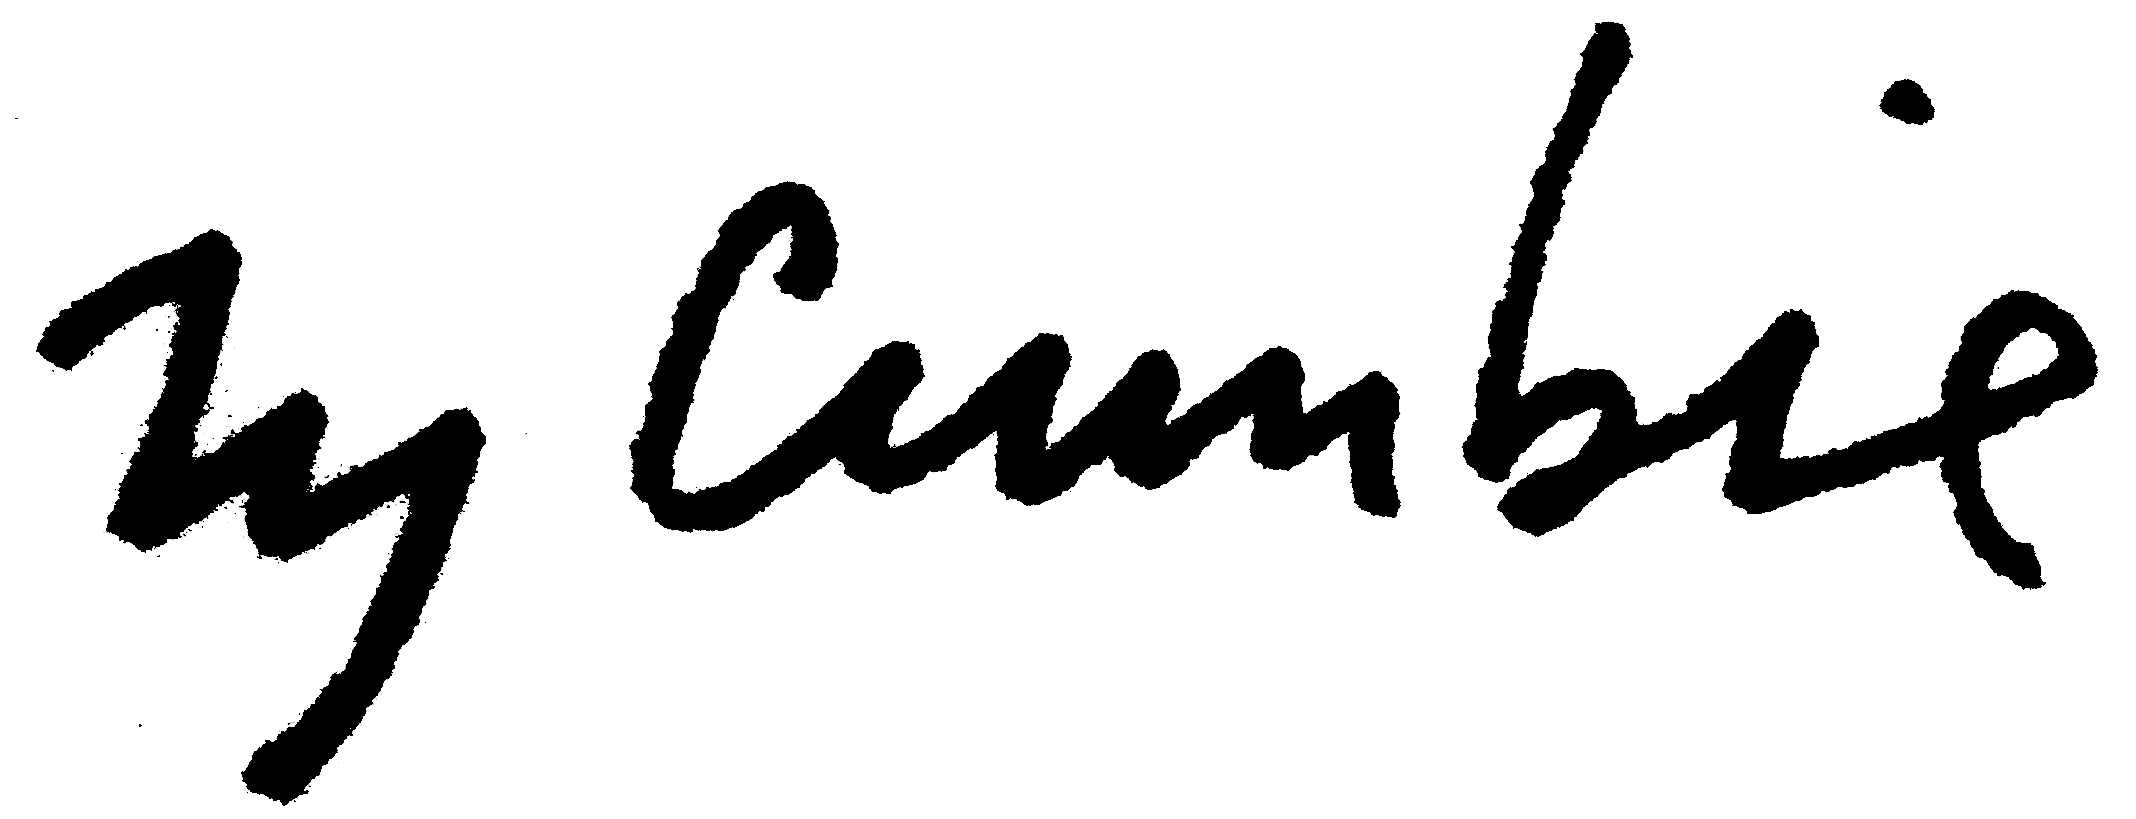 Ty Cumbie's Signature